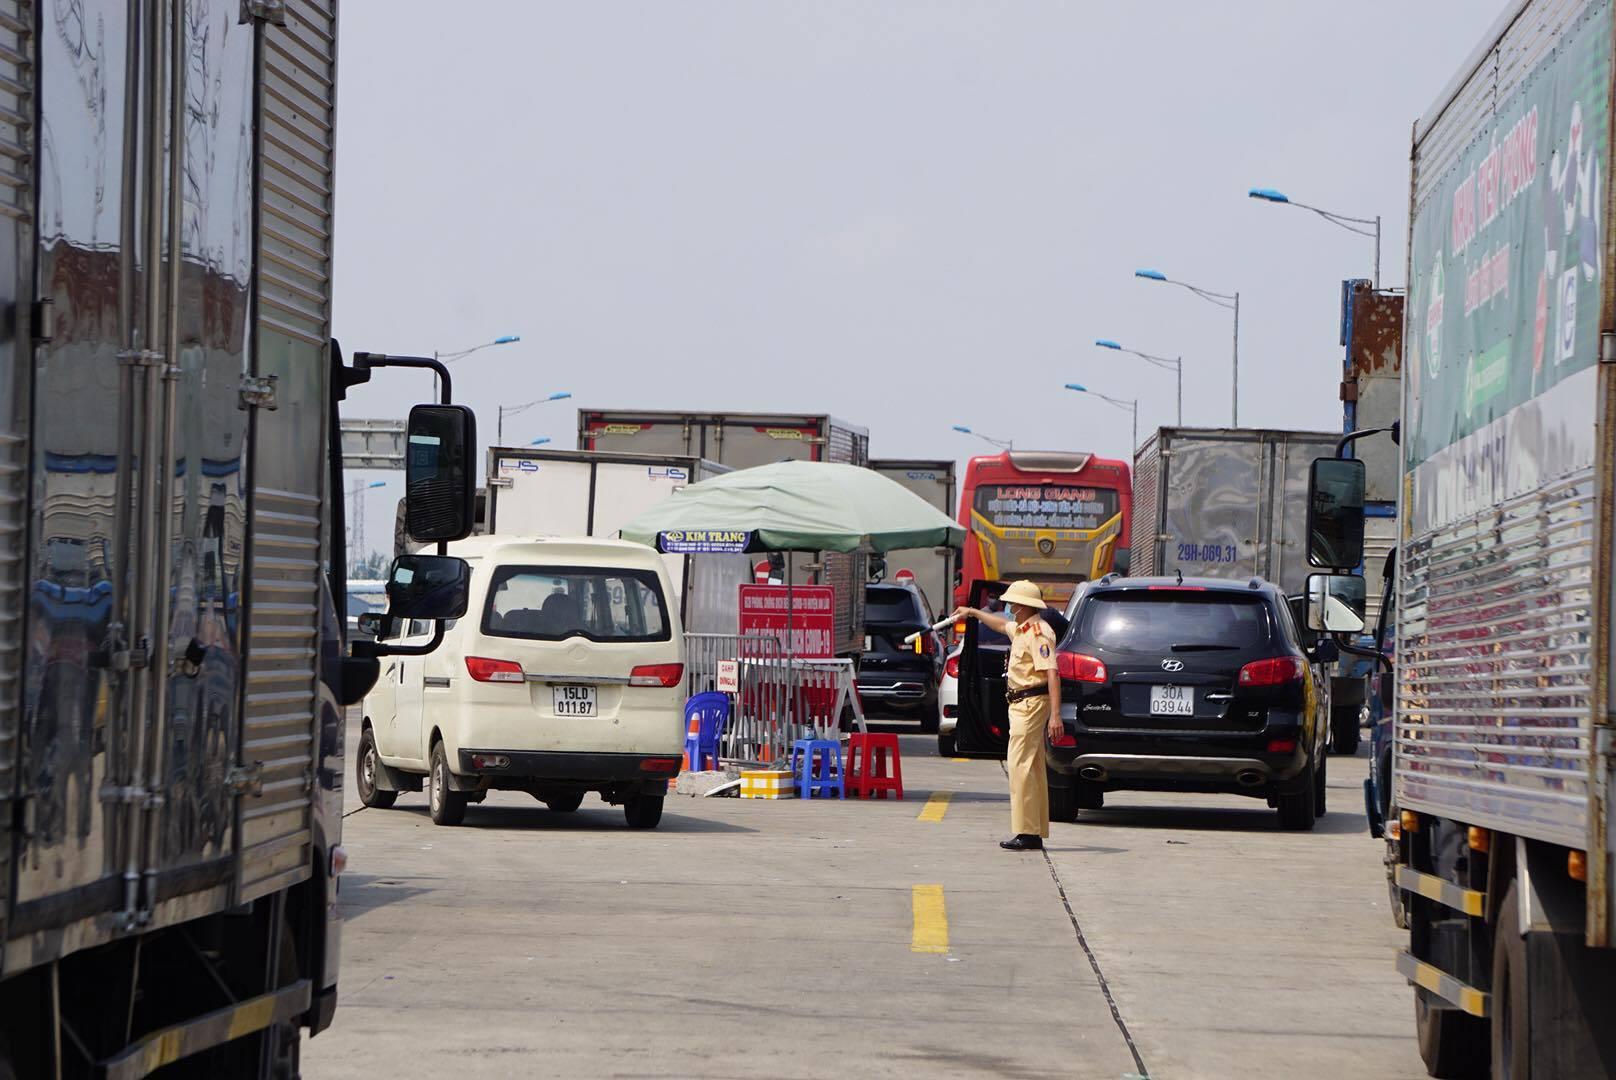 Thử nghiệm phần mềm kiểm soát lái xe vận tải hàng hóa bằng mã QR Code